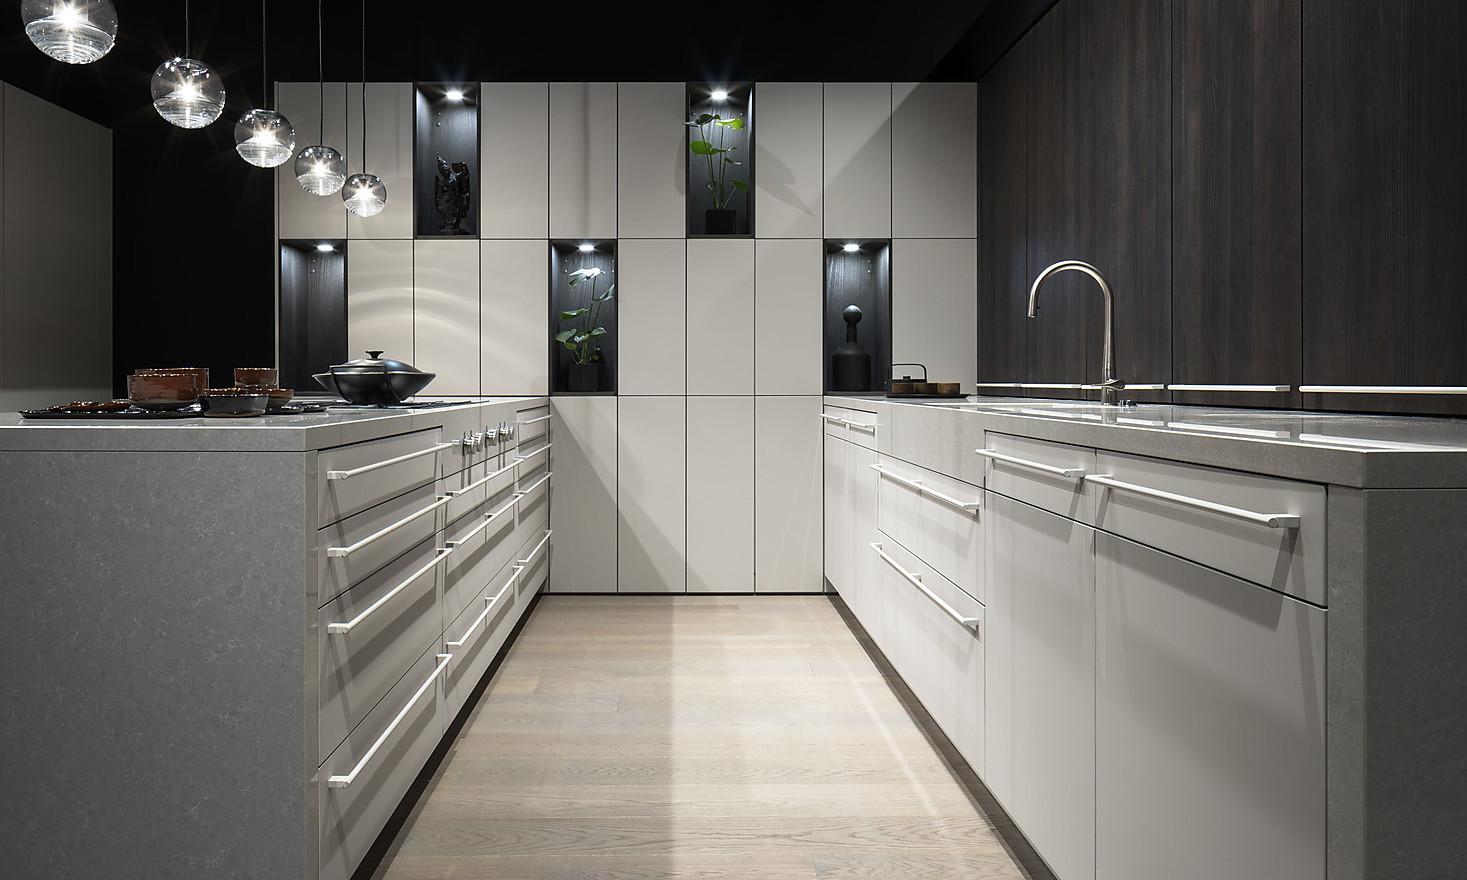 Weiße Küchen - die häufigsten Planungsfehler